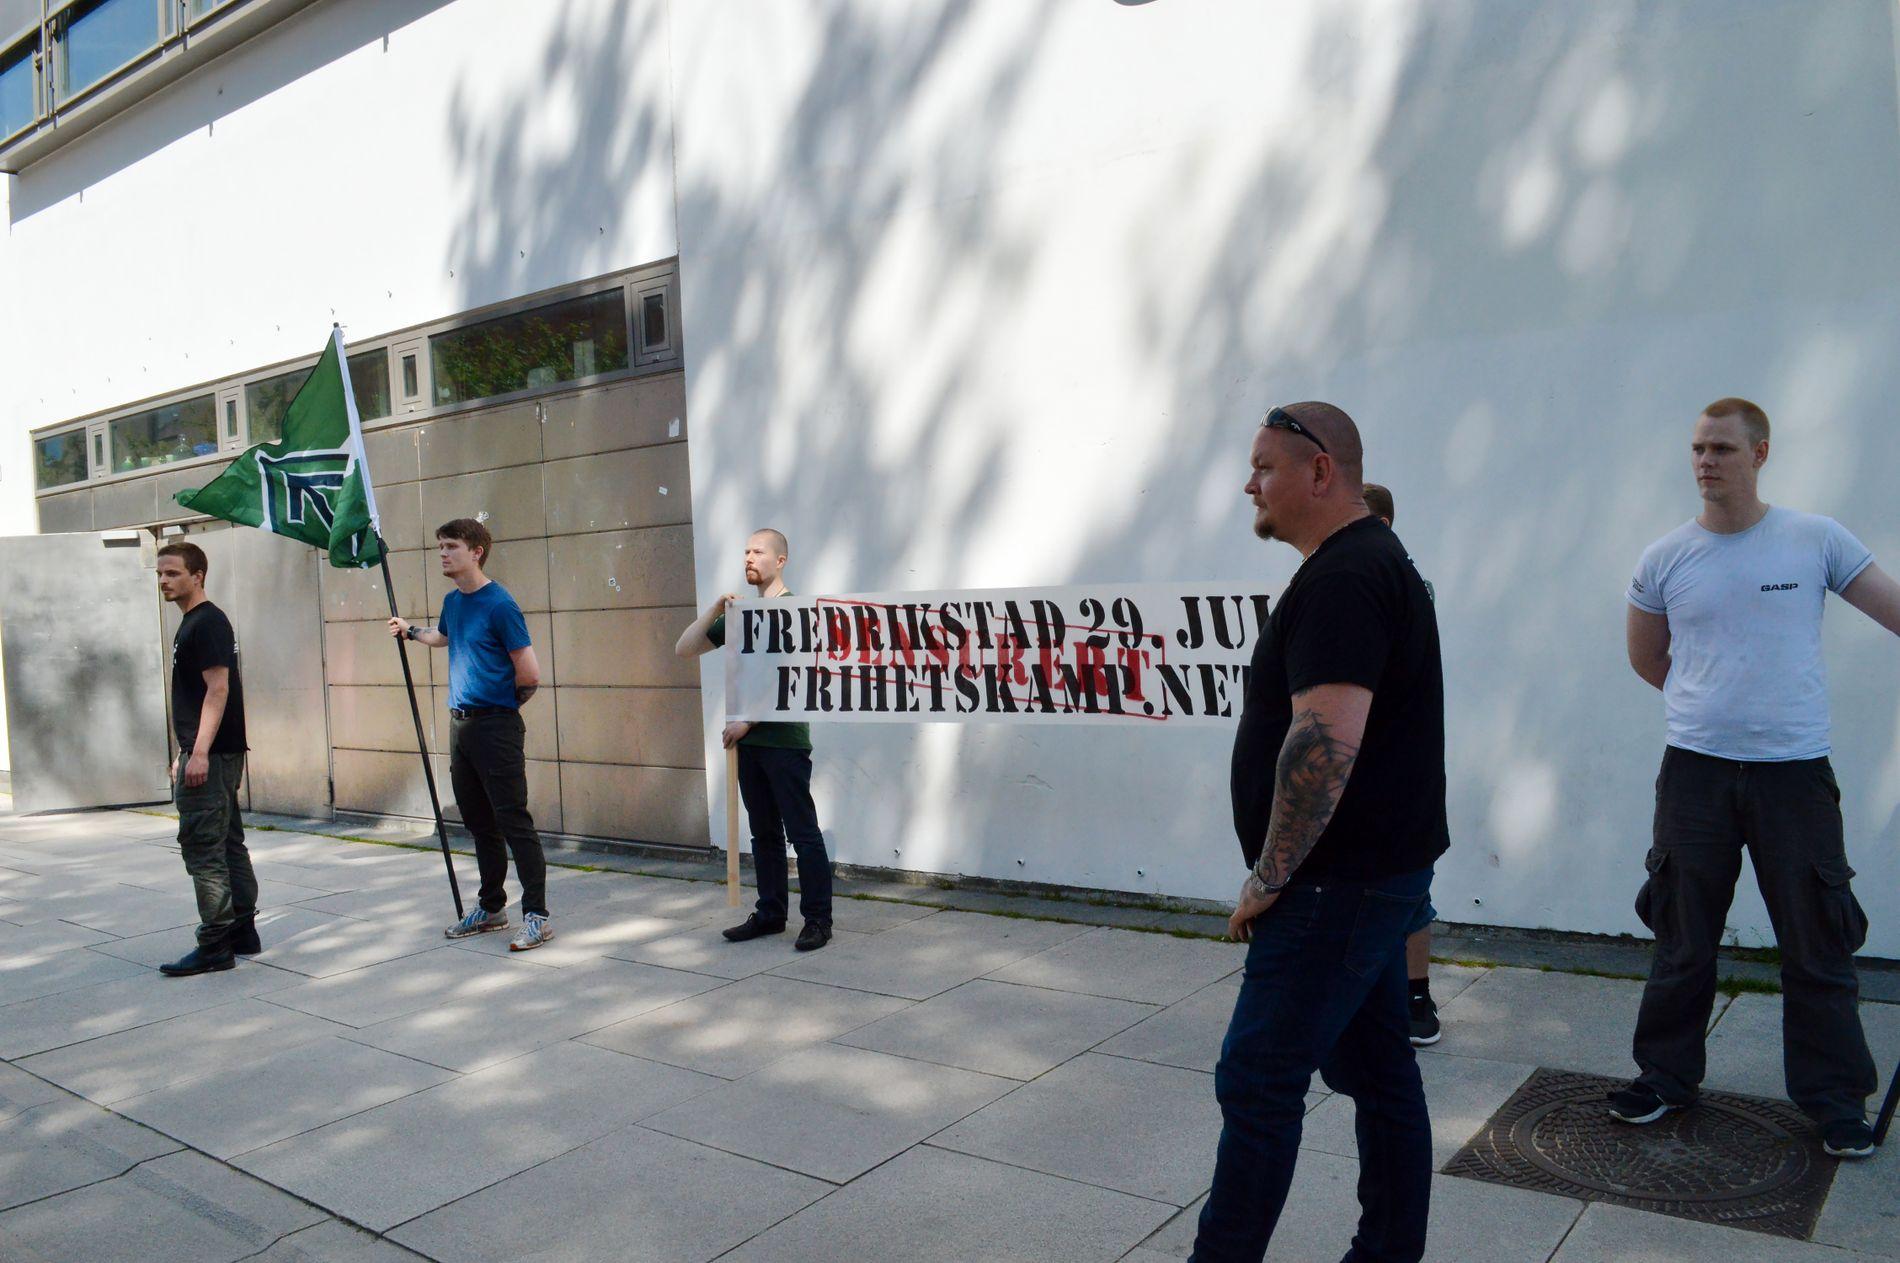 FÅR DEMONSTRERE: Bildet er fra Den nordiske motstandsbevegelsens demonstrasjon i Fredrikstad lørdag 17.06.2017. Demonstrantene hadde skrevet sensurert over en plakat om demonstrasjonen de ikke fikk tillatelse til å holde i Fredrikstad.